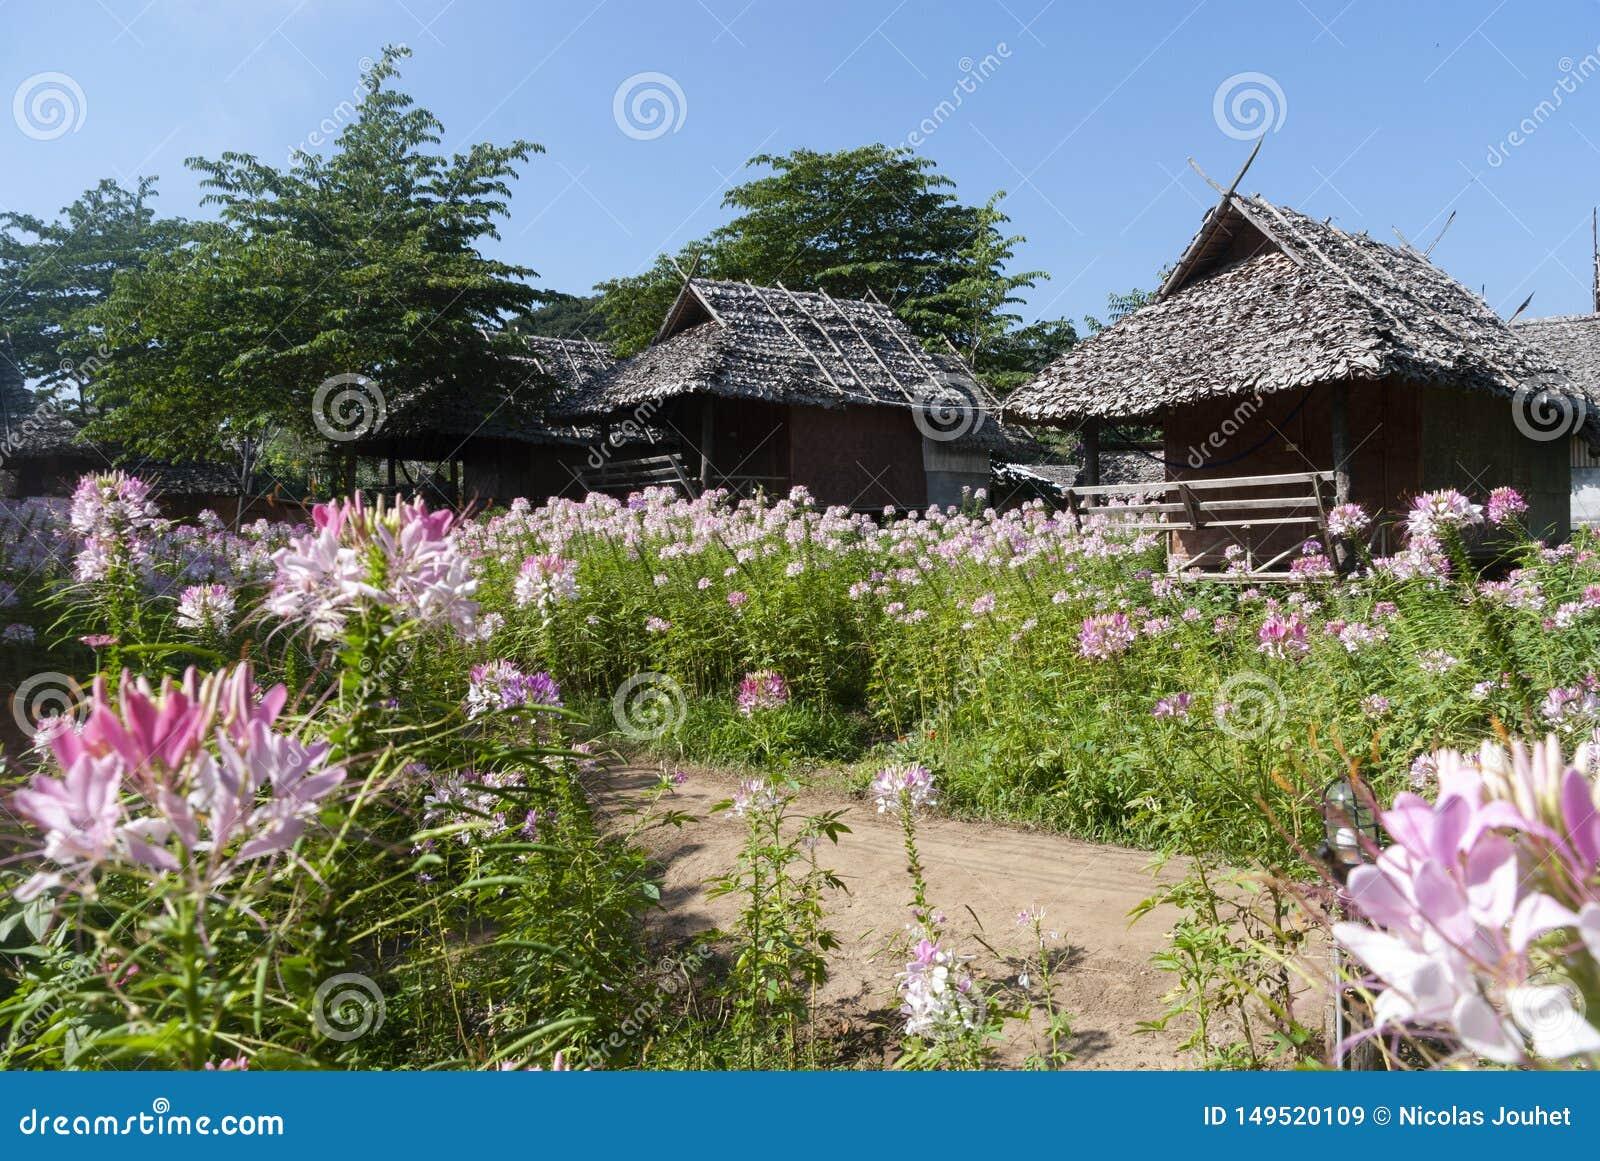 Καλύβα μπαμπού με τα λουλούδια στη βόρεια Ταϊλάνδη